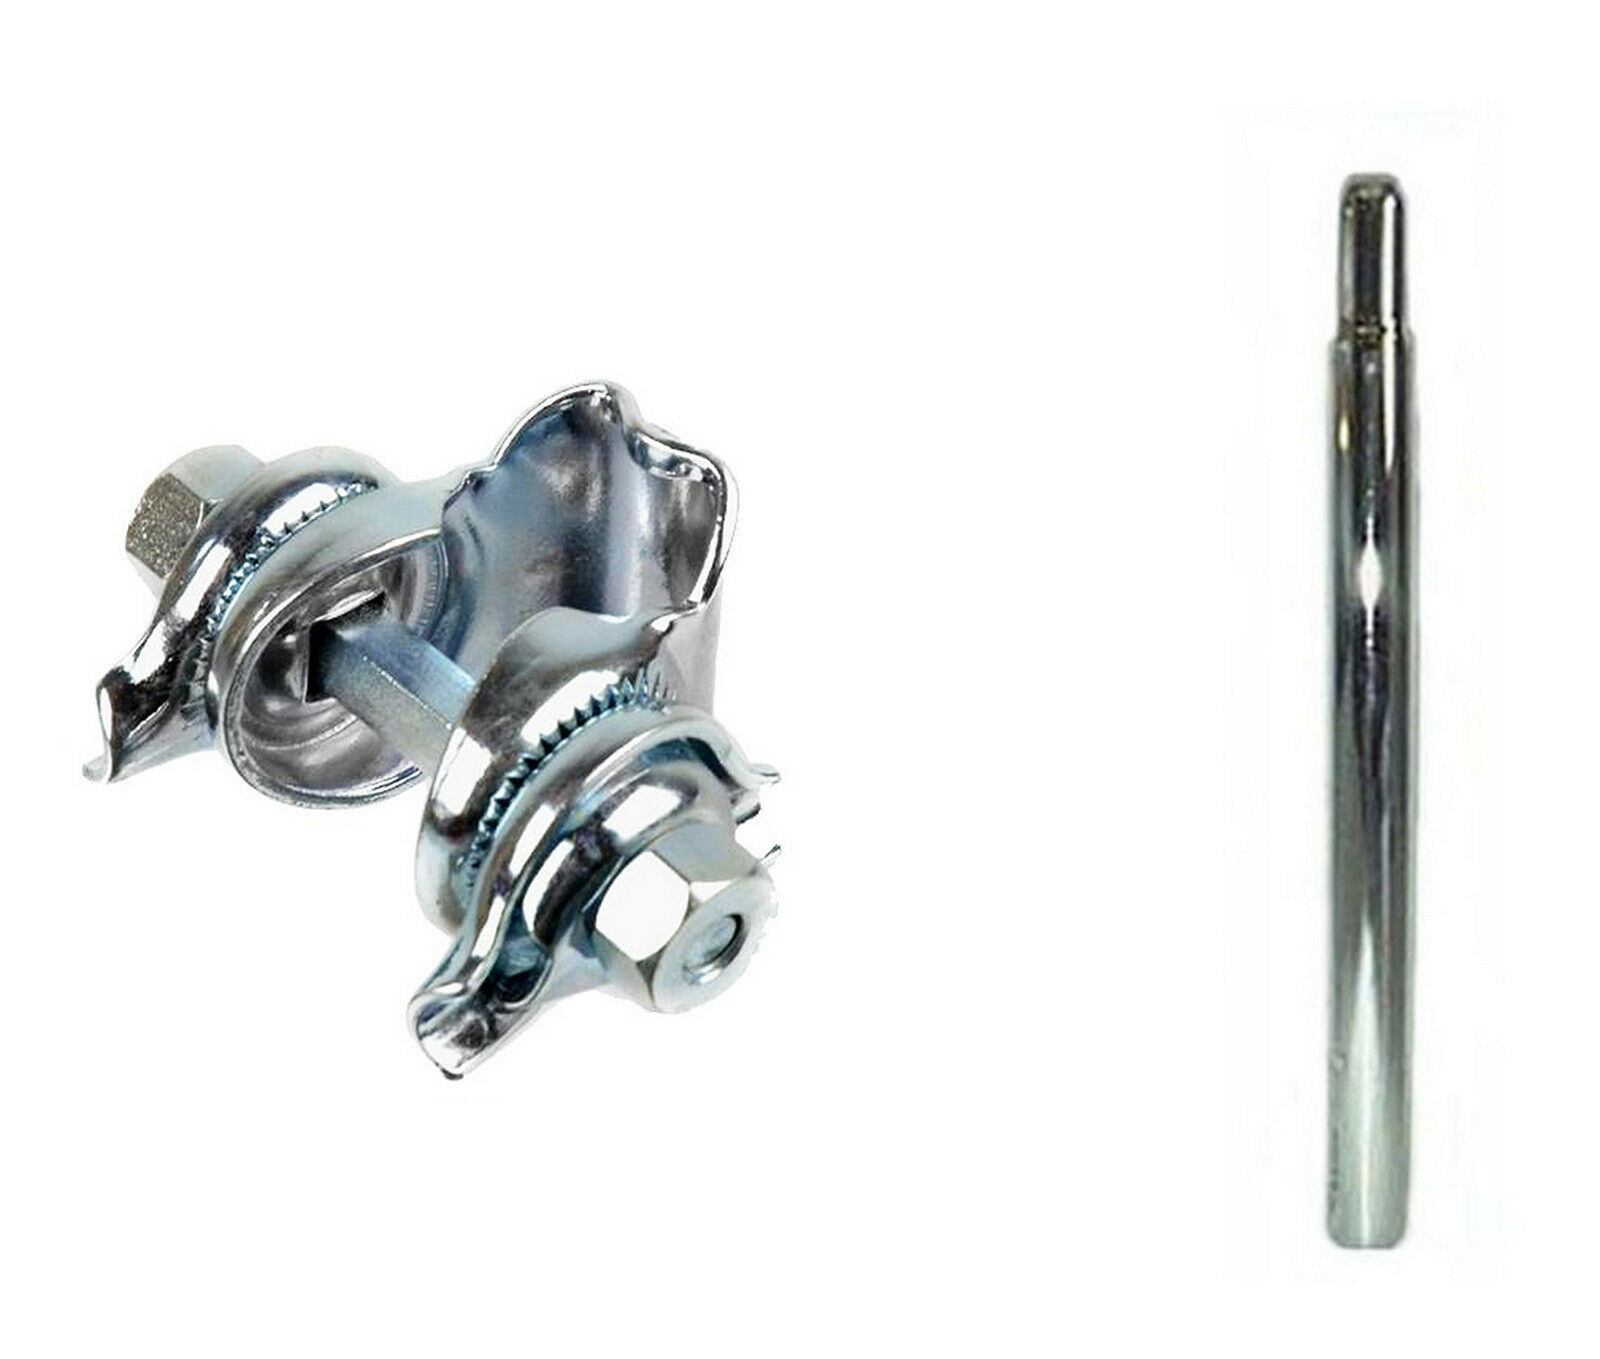 Tija Clasica para Bicicleta en Acero Cromado en Plata 25.4 mm + Nuez 3222 3814